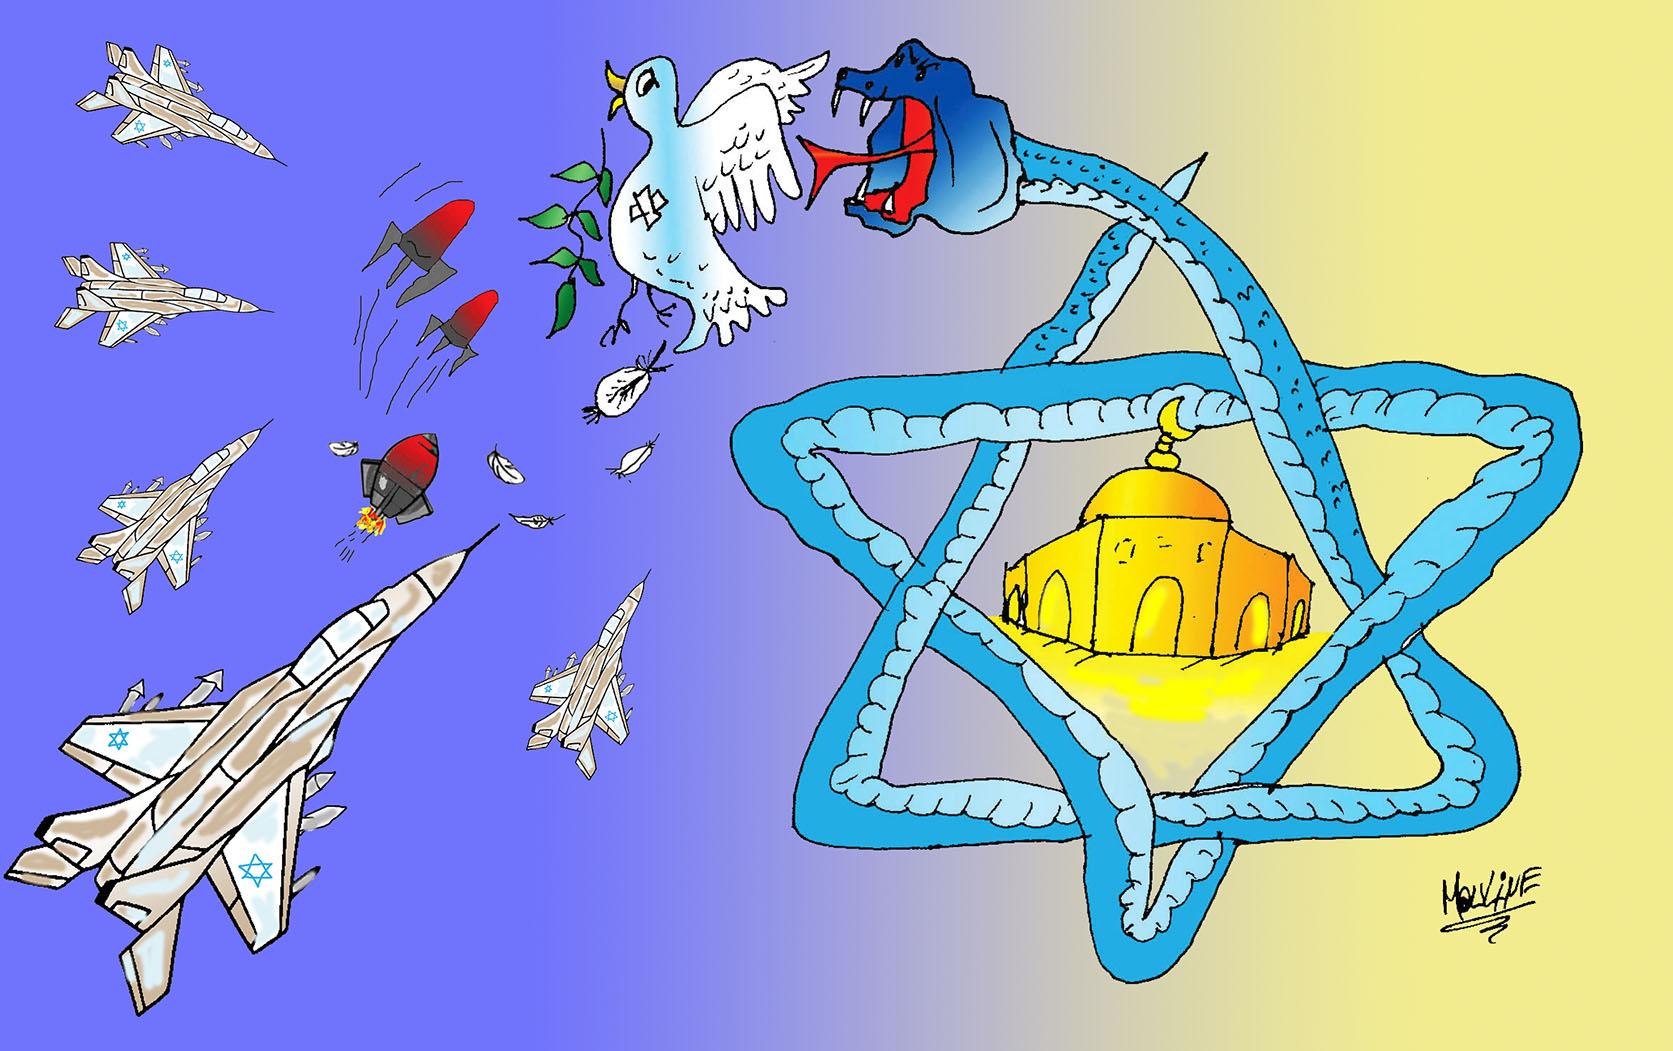 Ni paix, ni sécurité, ni développement sans les deux états